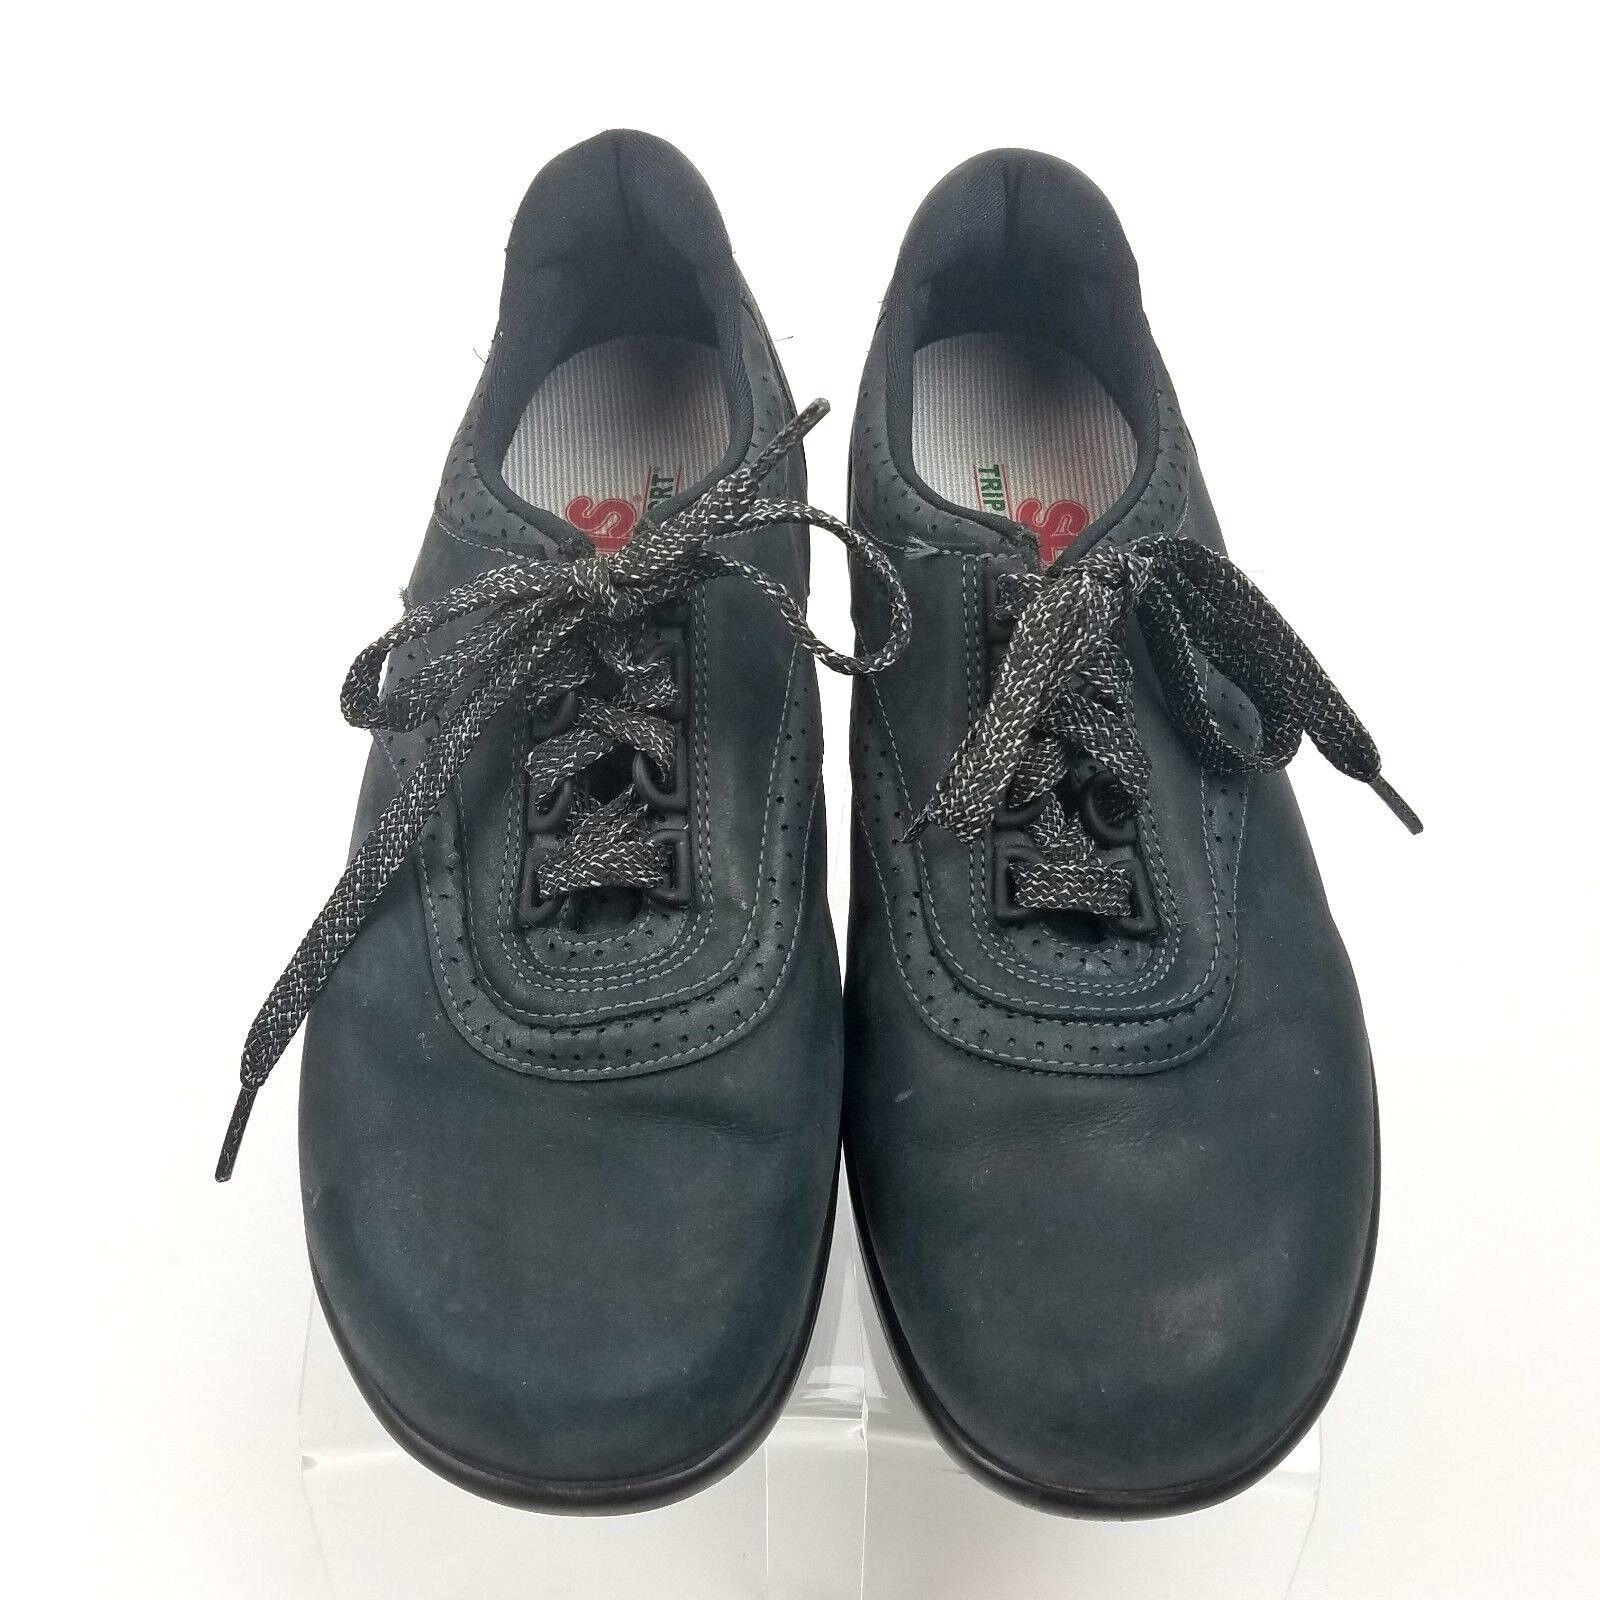 Servicio Aéreo Especial Oxfords para mujer talla 8 W caminar caminar caminar fácil Negro Nubuck negro Gamuza Con Cordones  barato y de moda